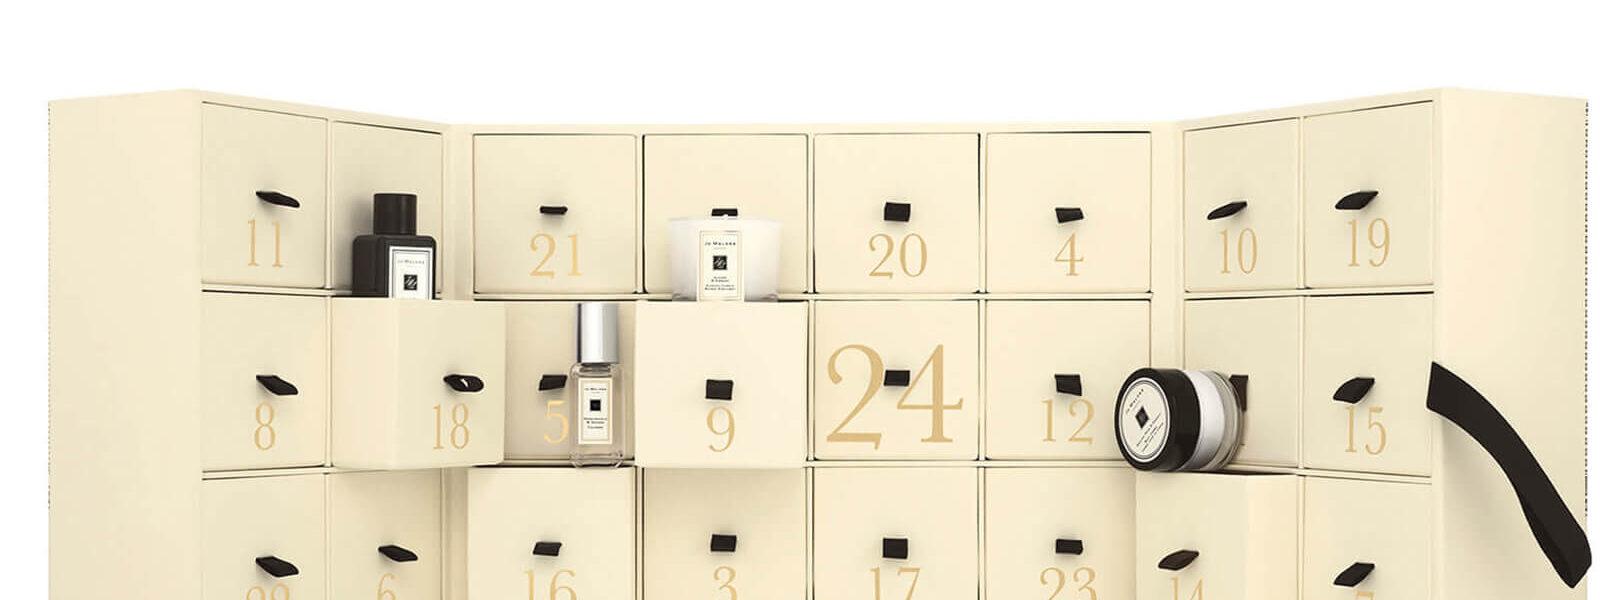 Nejkrásnější kosmetické adventní kalendáře 2019